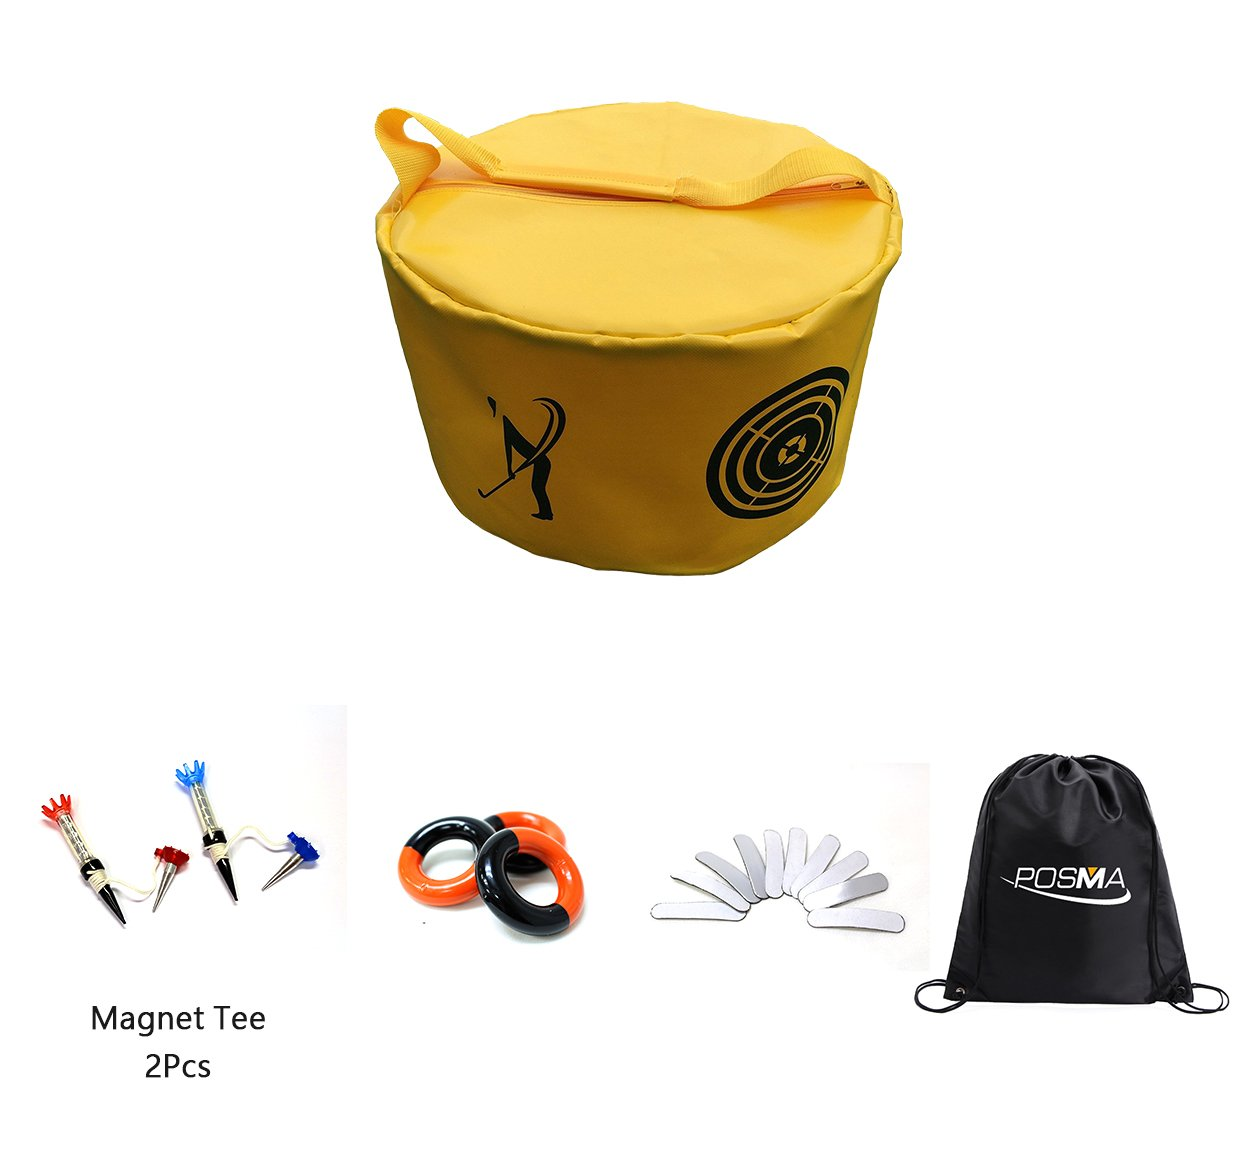 posma hb010 X Golf HittingバッグSwing ImpactパワースマッシュバッグトレーニングSet with重量電源スイングリングレッドandブラック( 3pcs ) +リード重量テープ( 10個) + 3pcsマグネットT型+ Cinch Sack   B077S1147C